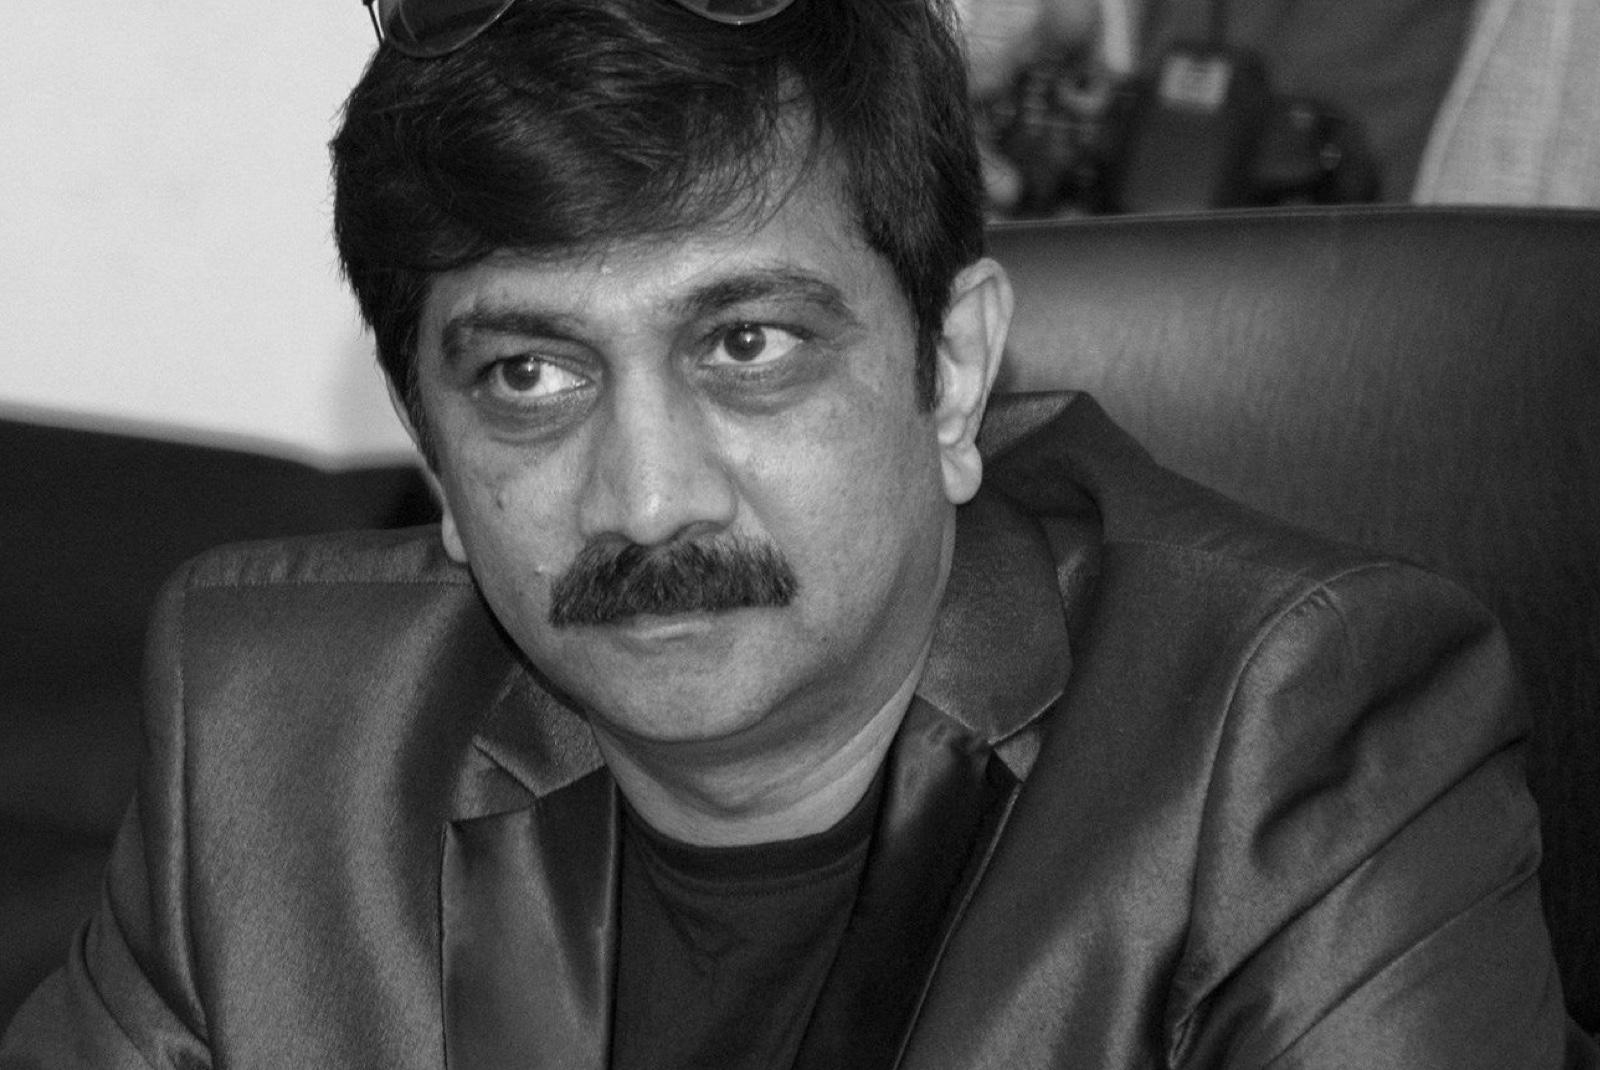 Sandeep Karnik